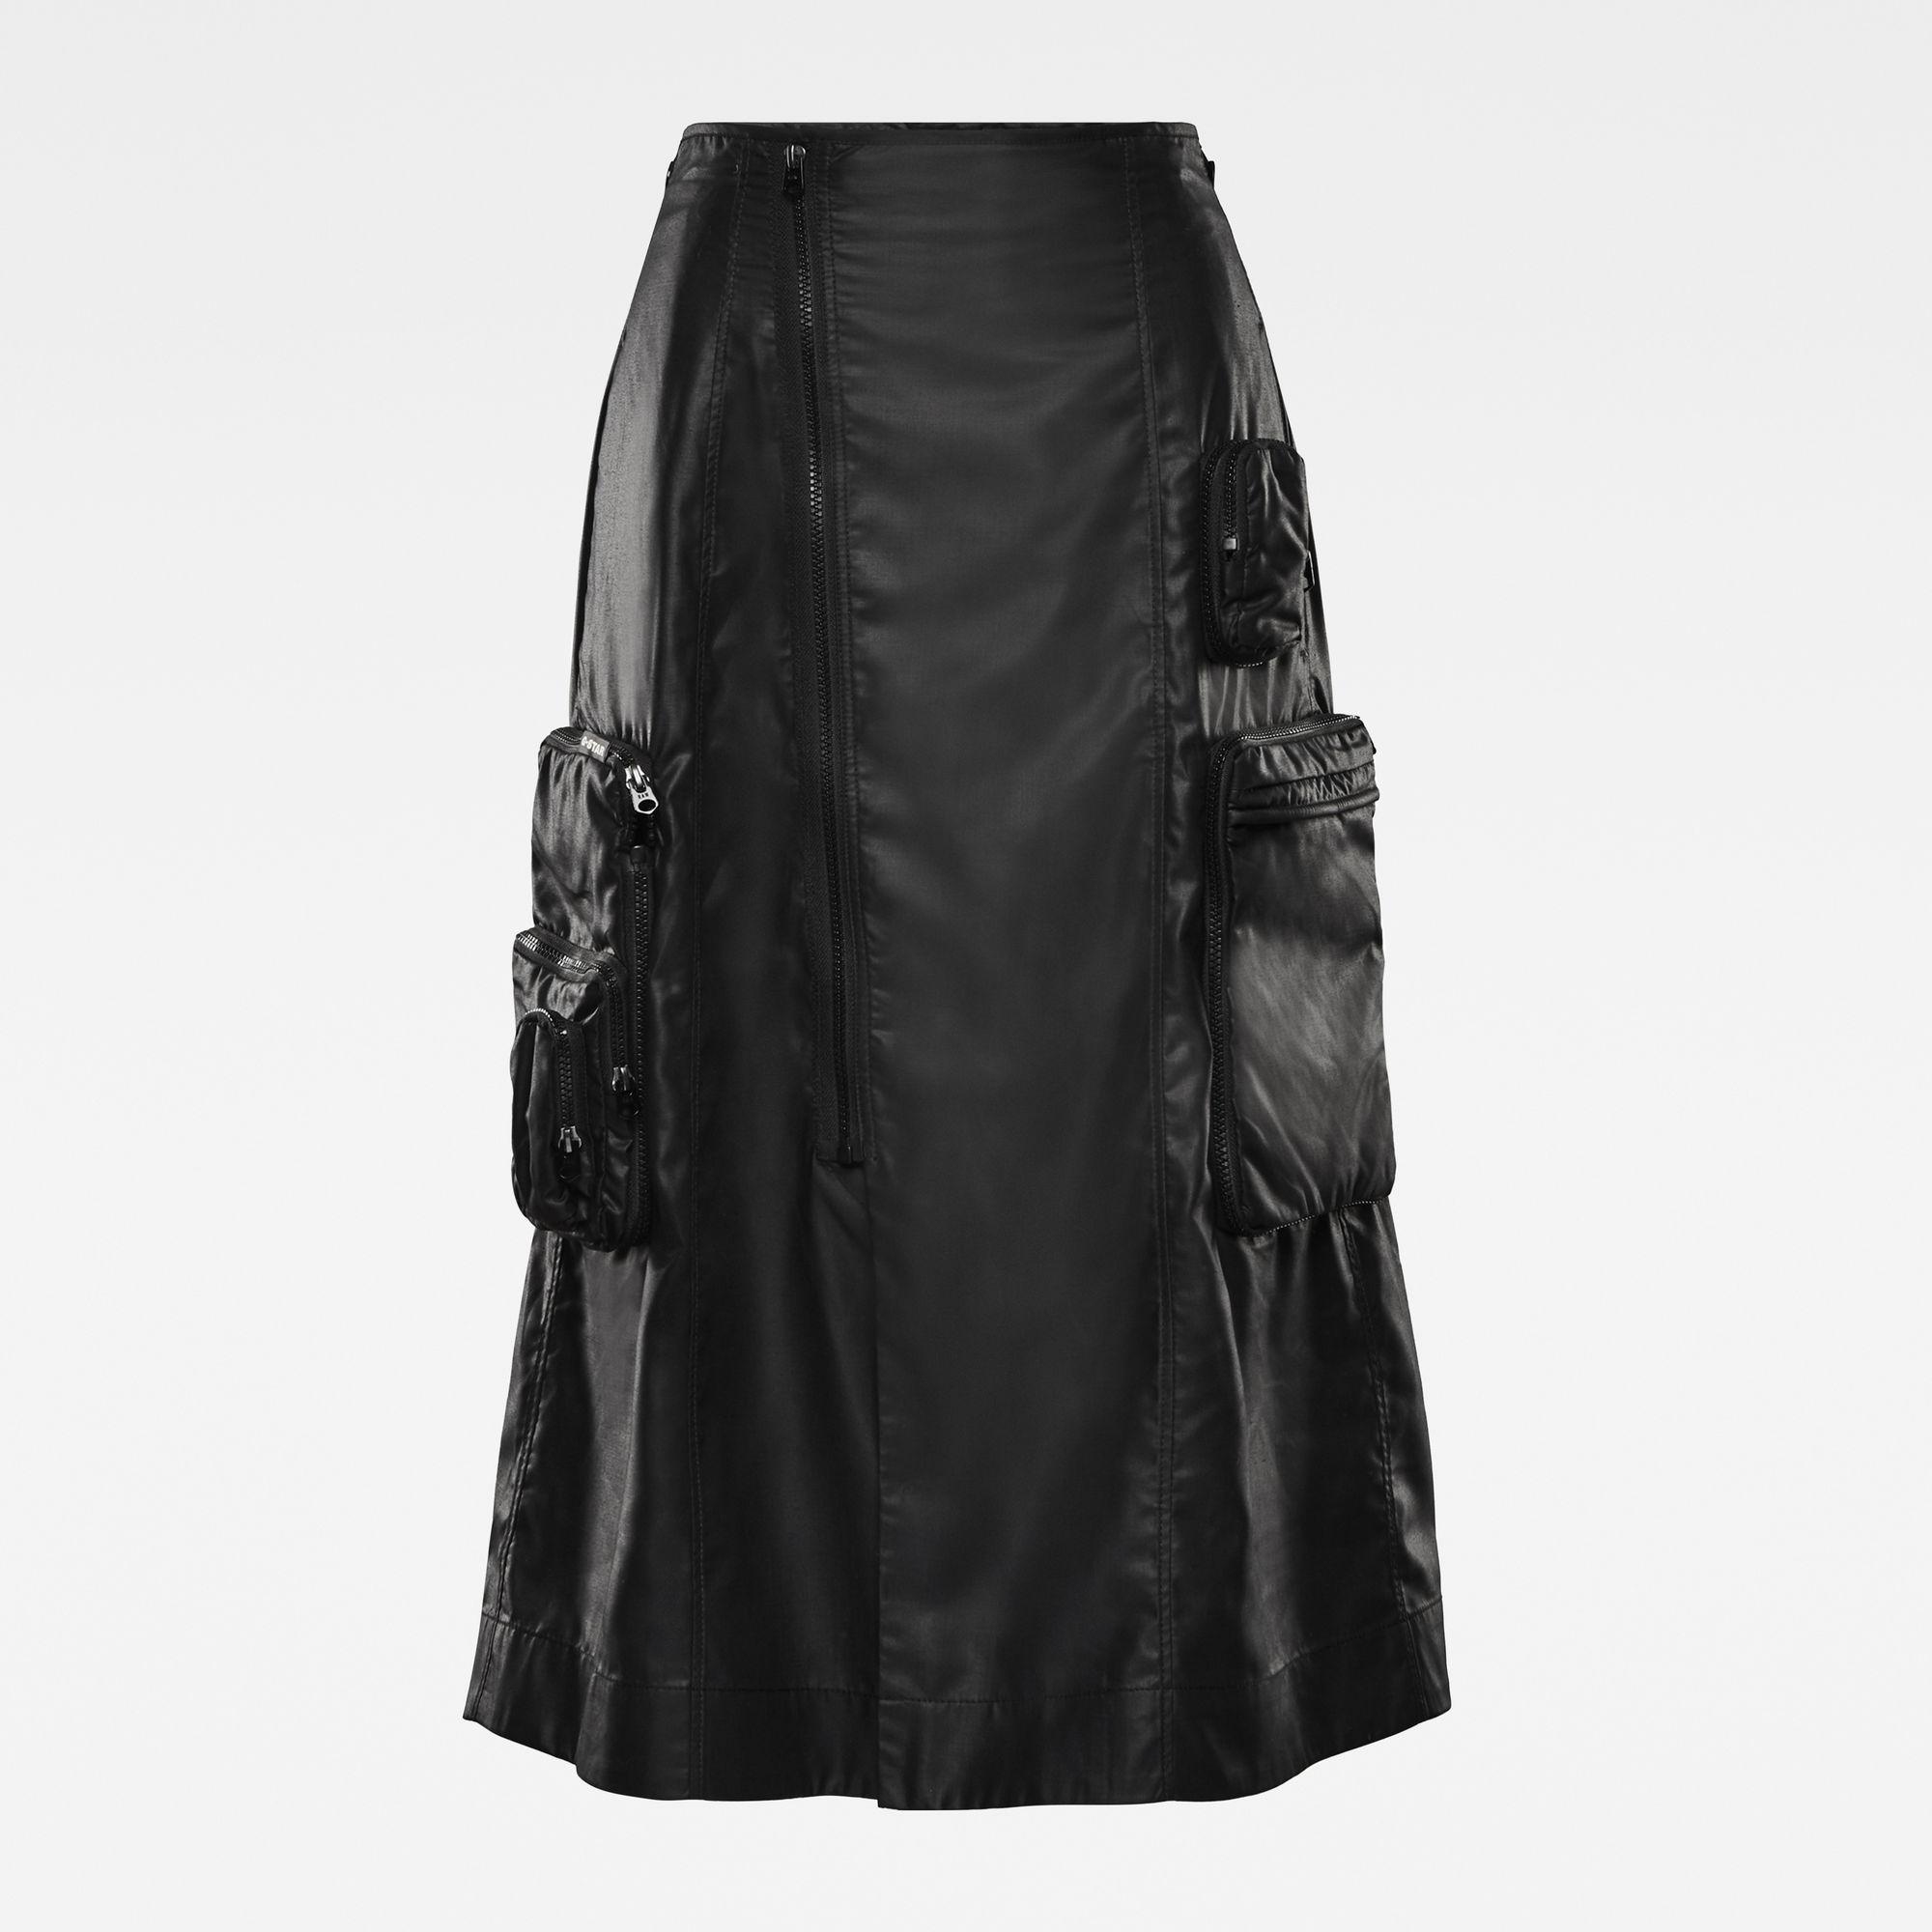 G-Star RAW Dames E Utility 3D Pocket Midi Skirt Zwart